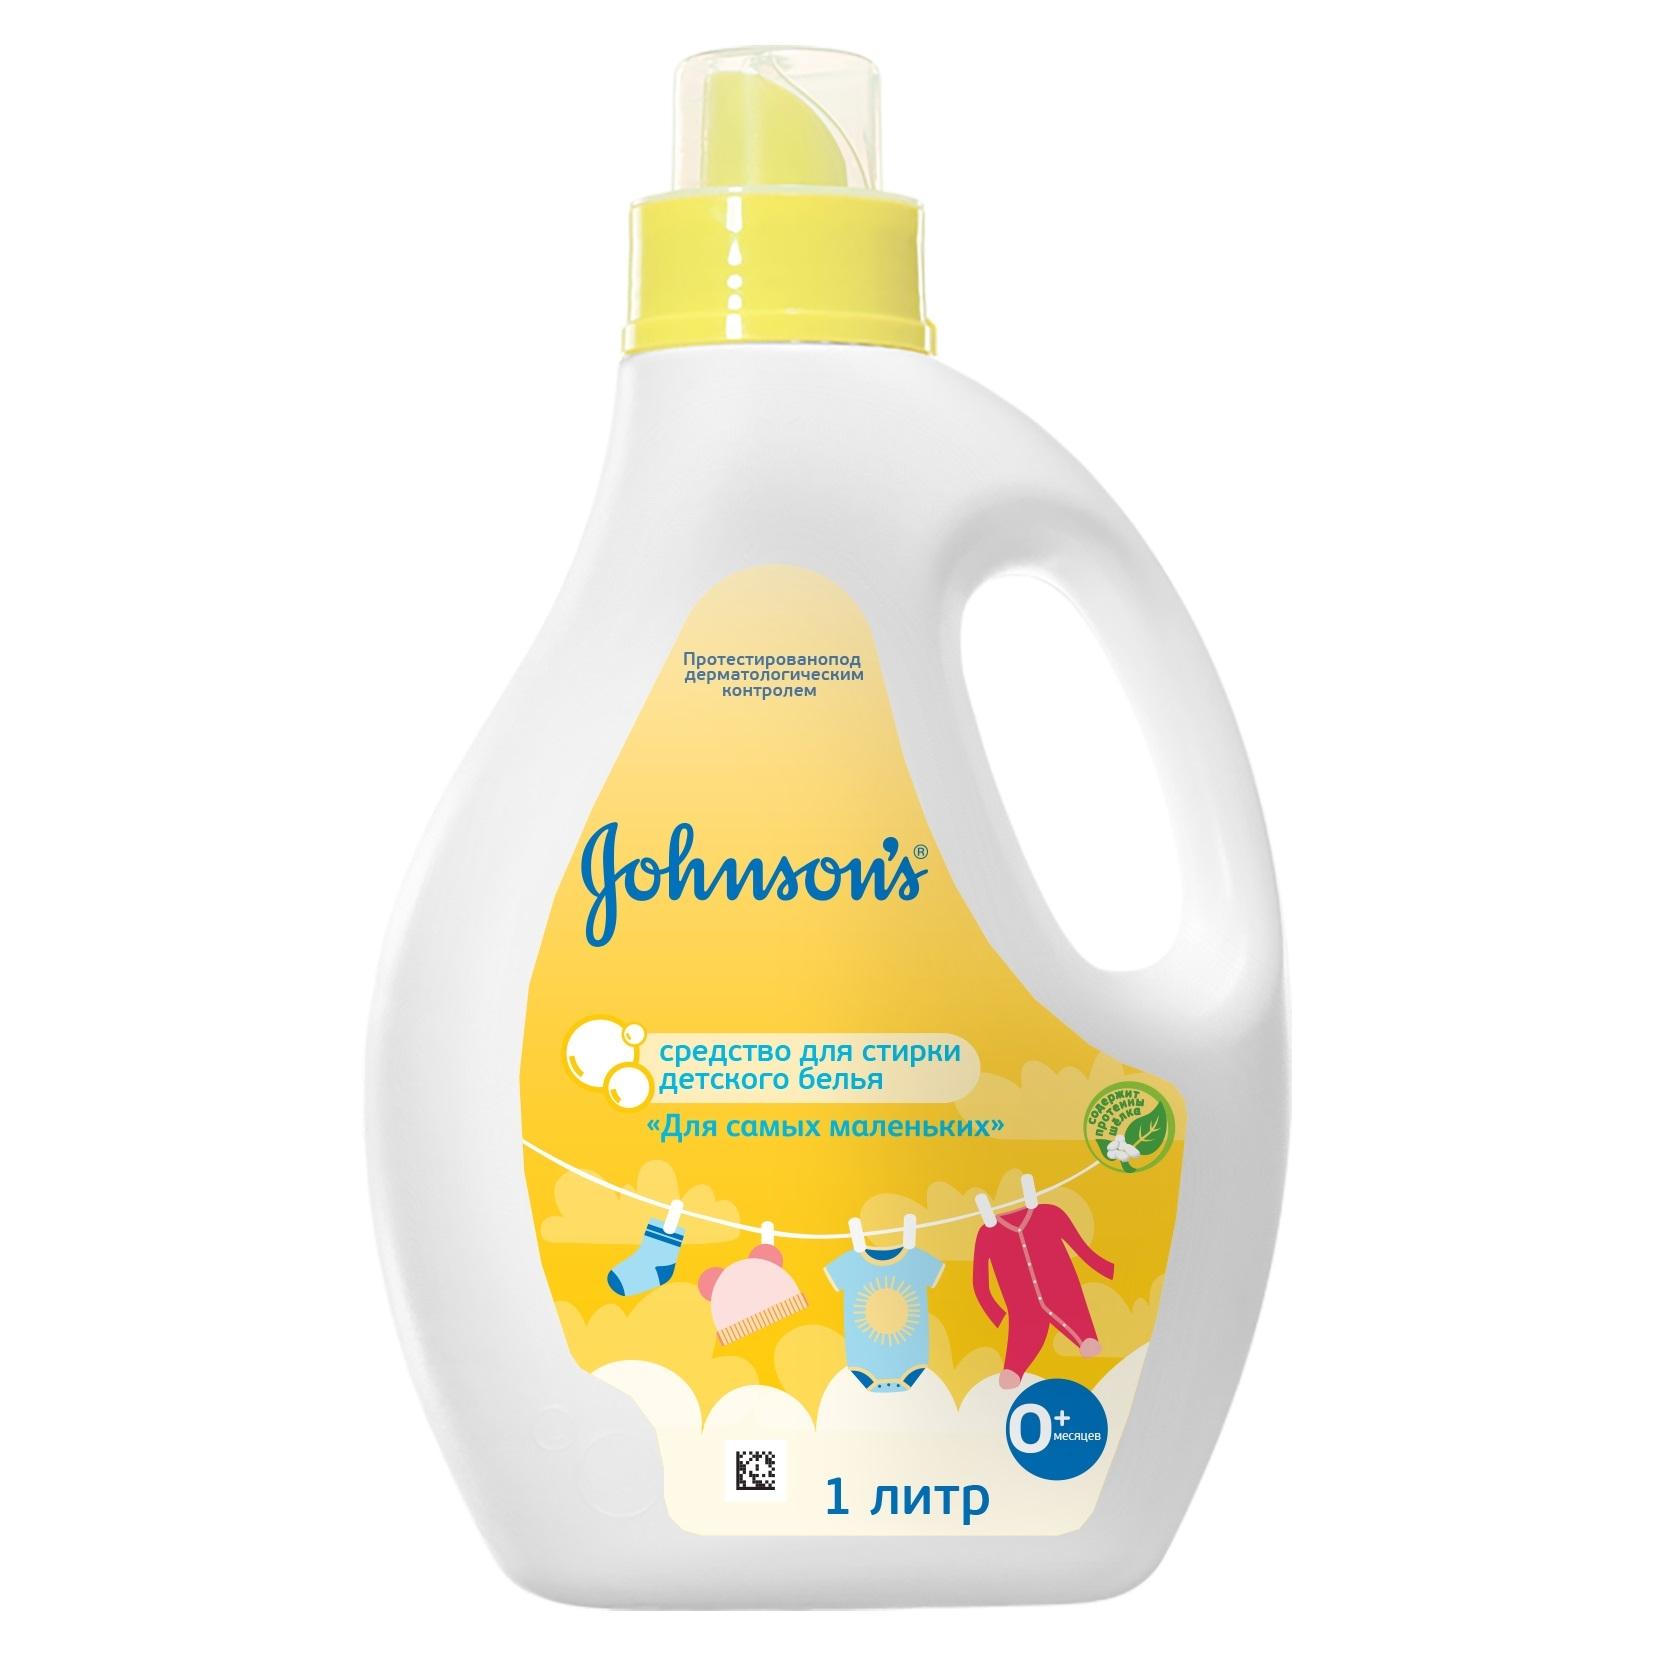 Средства для стирки Johnson's baby Средство для стирки детского белья Johnsons baby «Для самых маленьких» 1 л жидкое средство для стирки детского белья burti baby 1 5 л